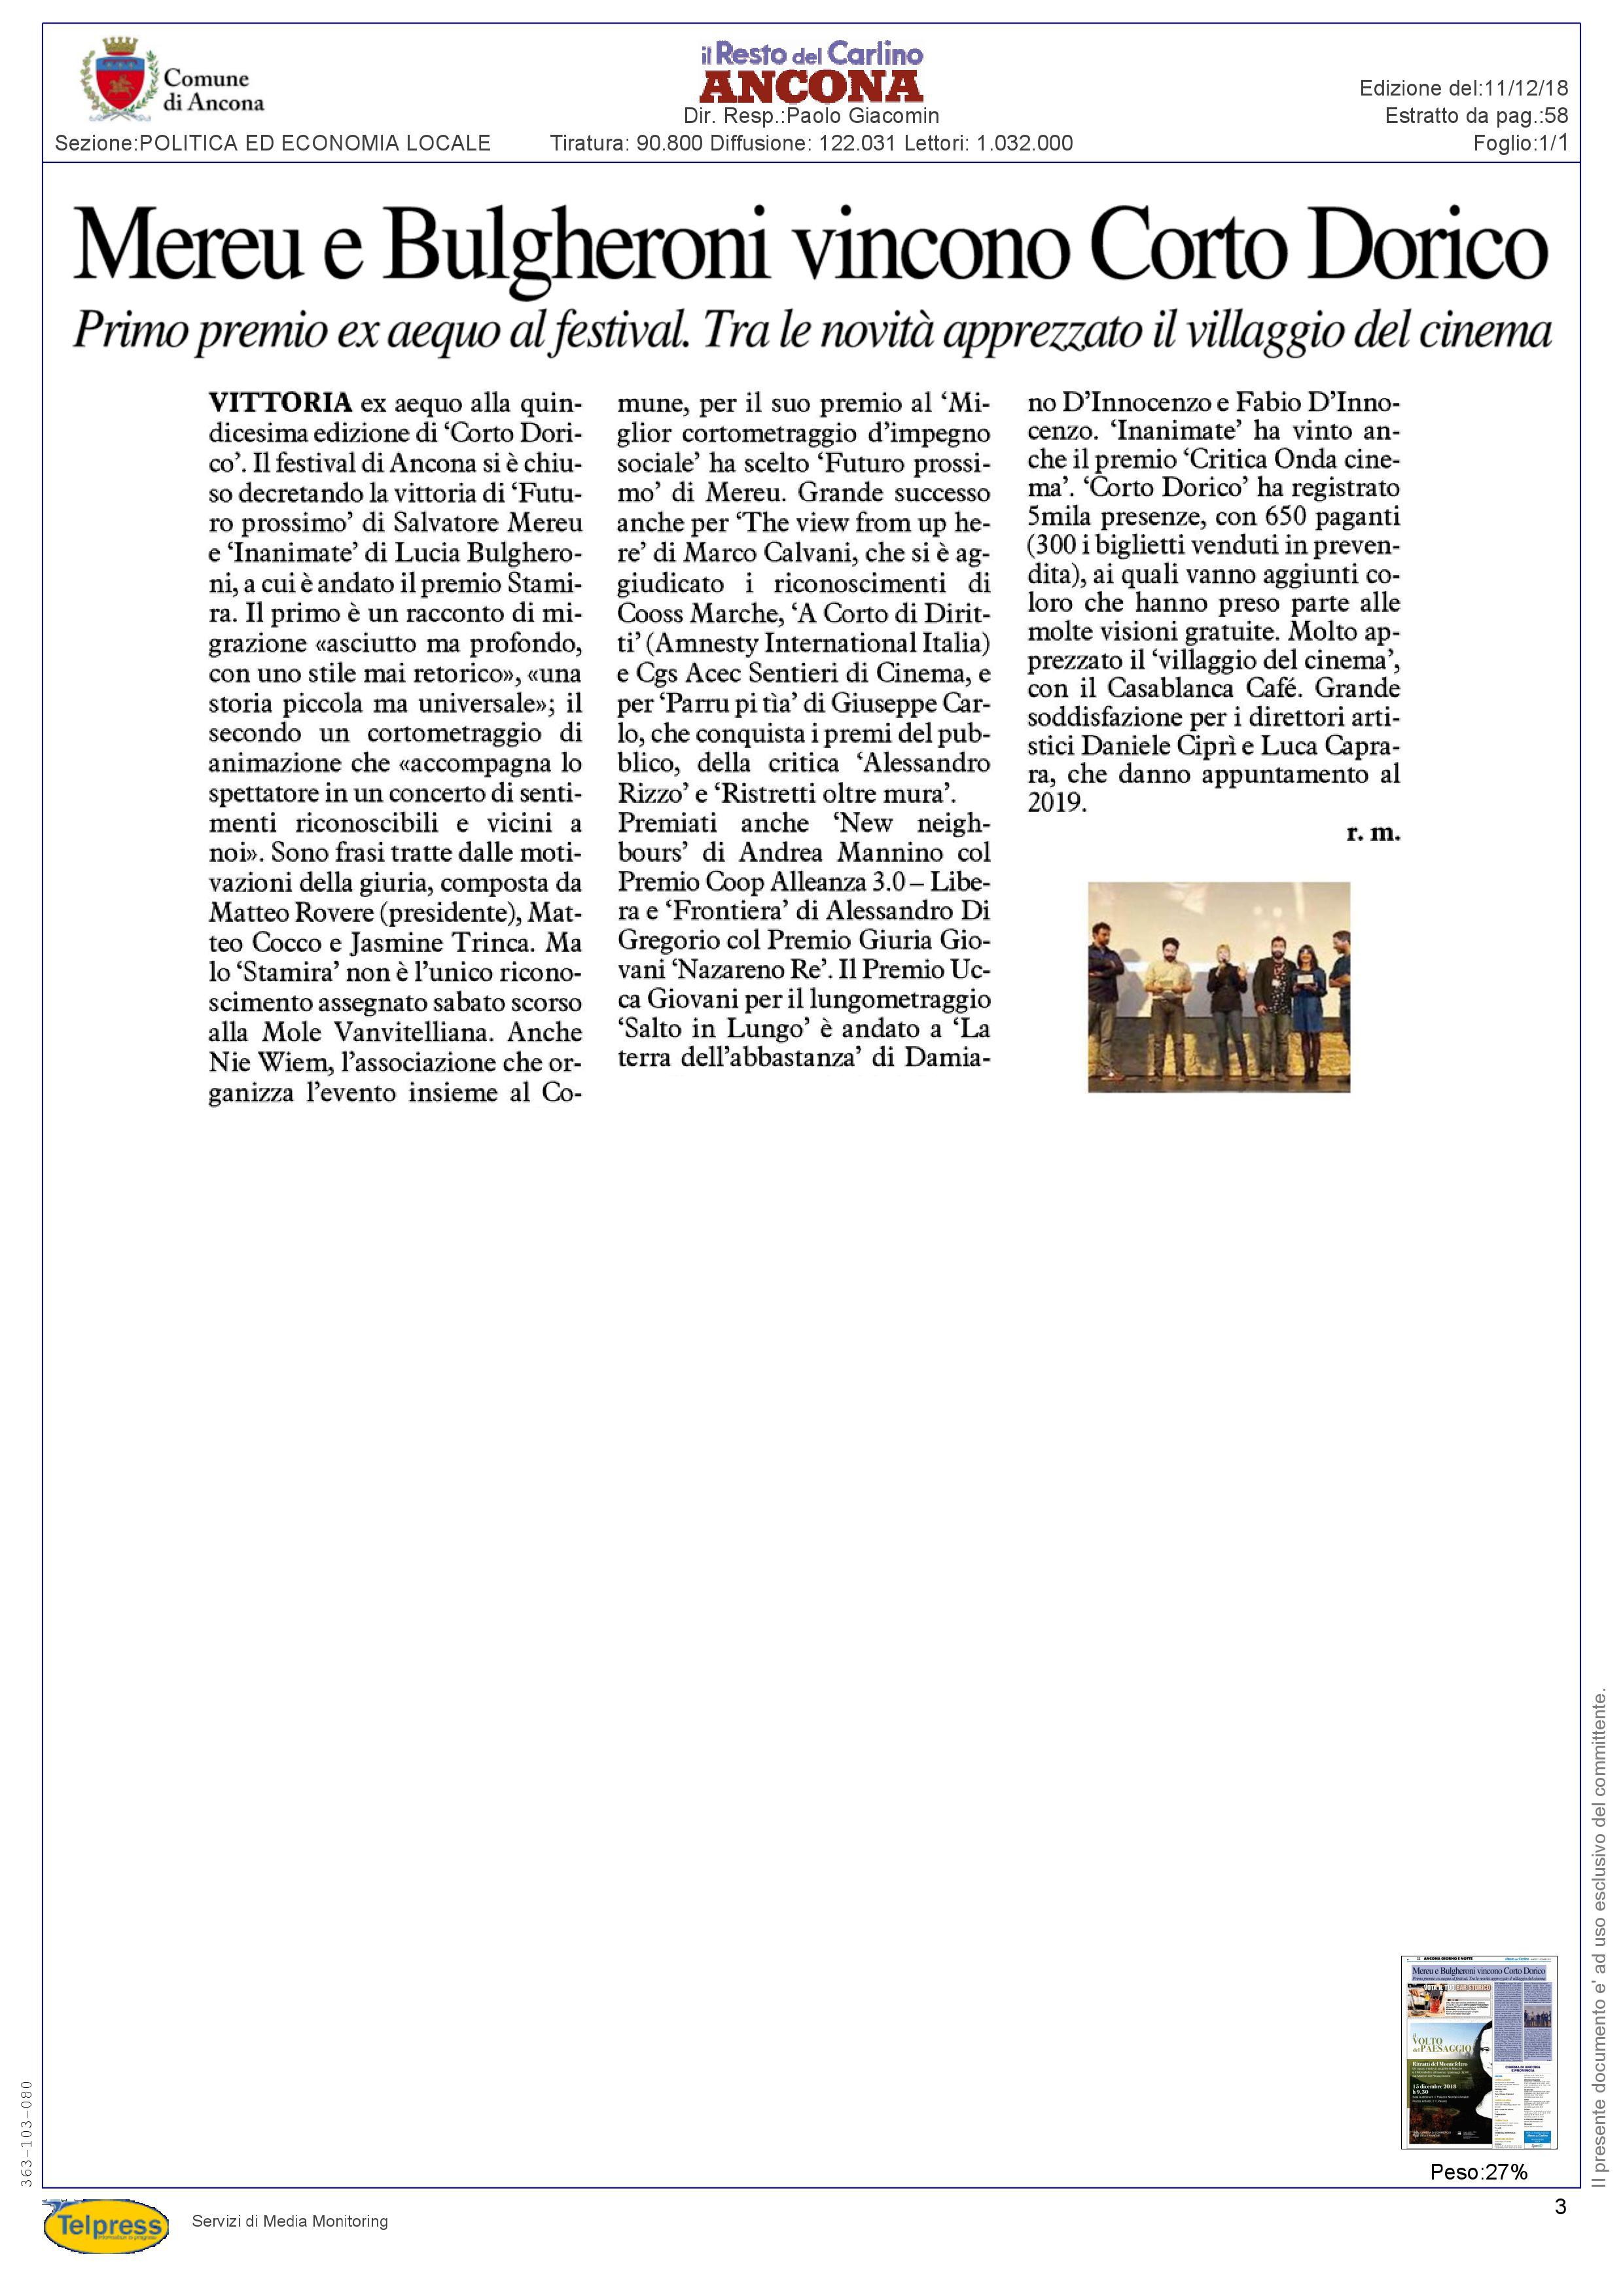 11-12-18 Il Resto del Carlino(Ancona)